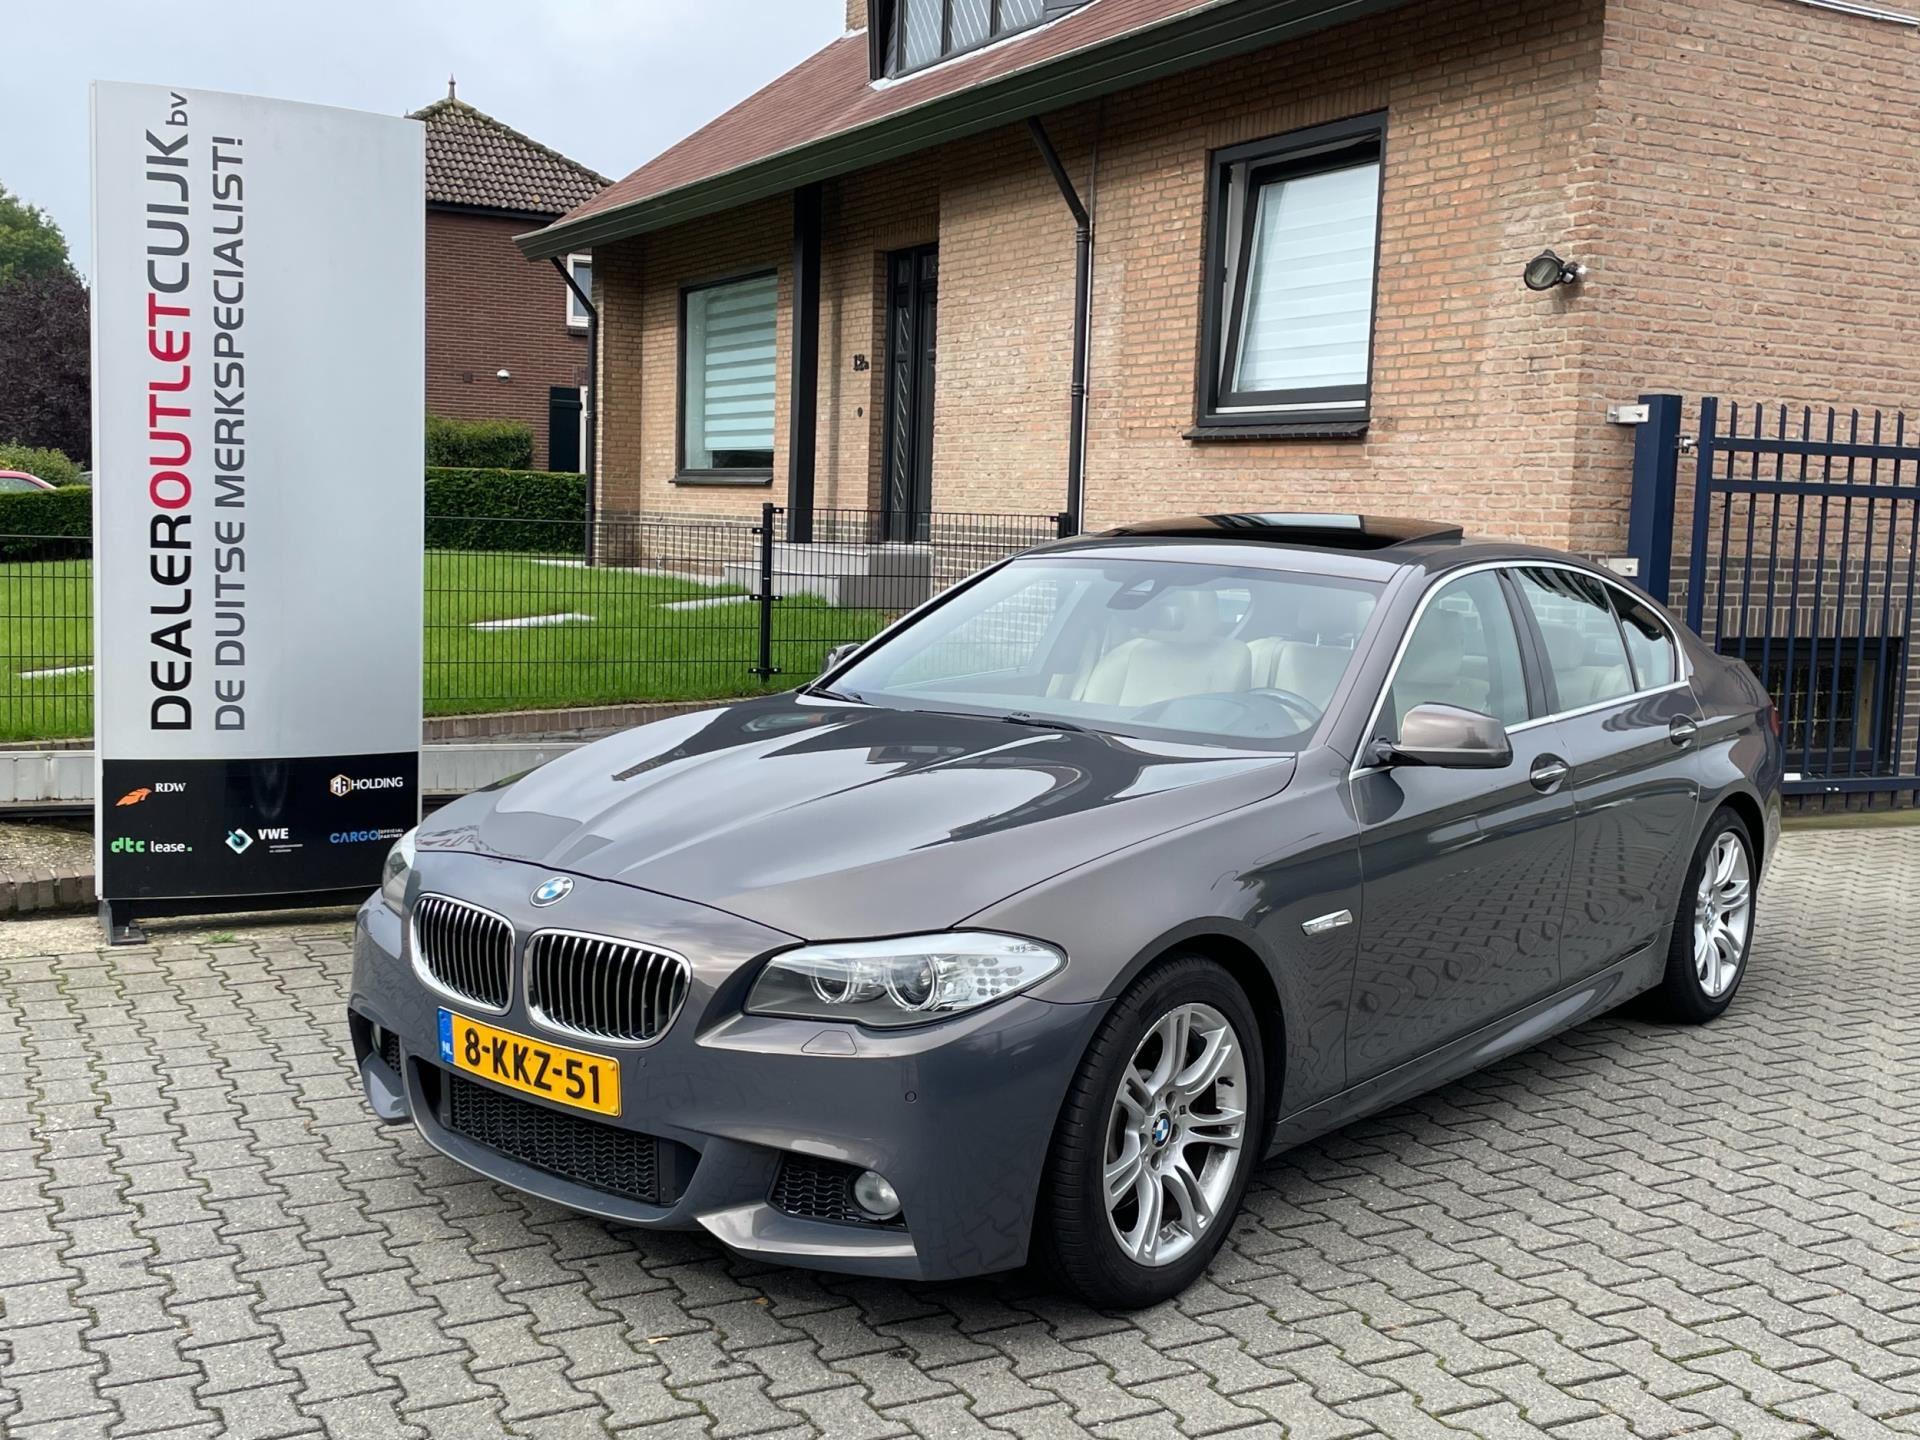 BMW 5-serie occasion - Dealer Outlet Cuijk b.v.